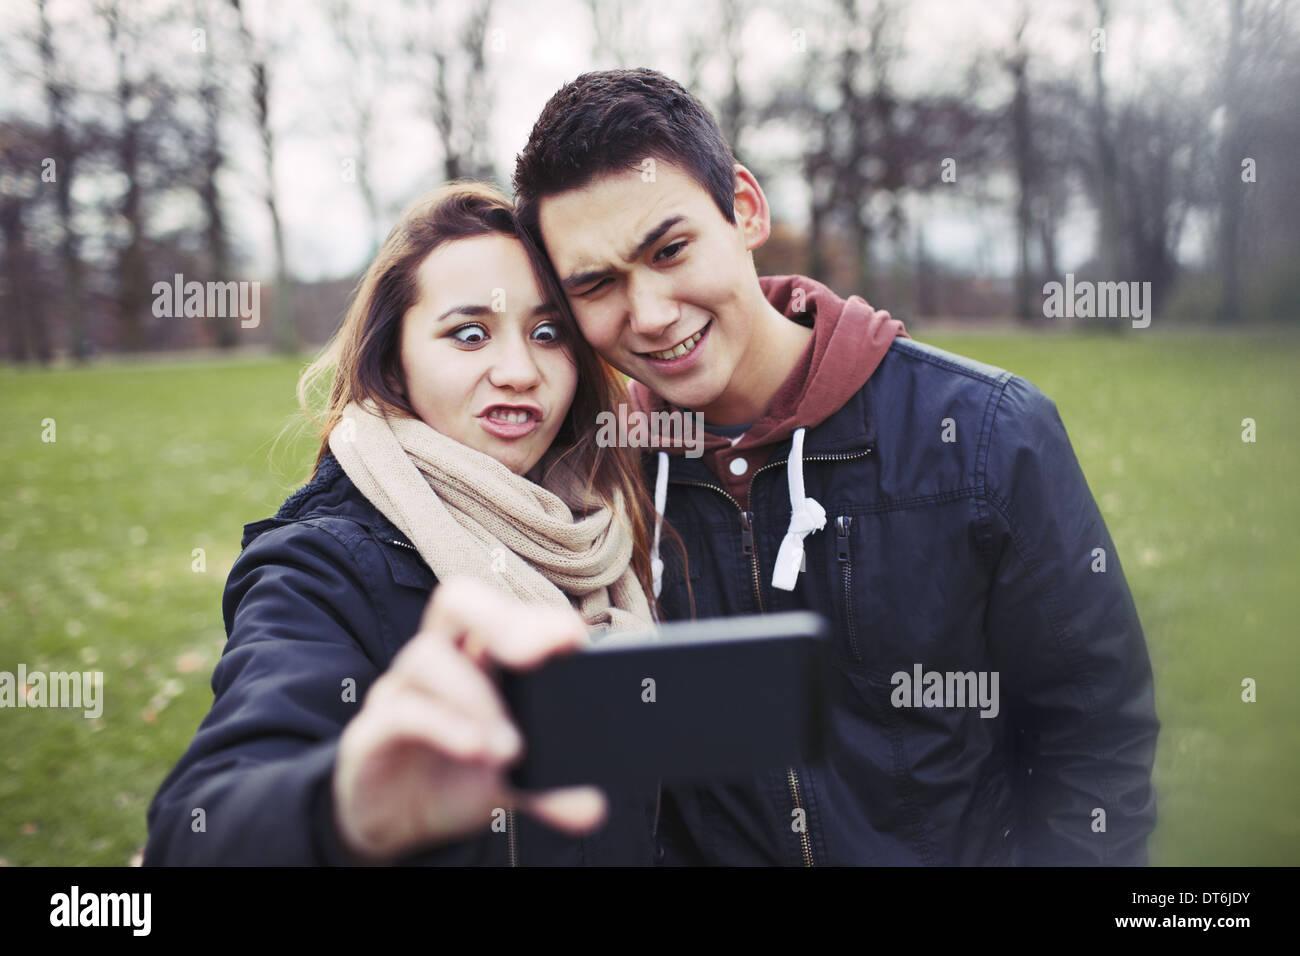 Lustige Teenager-paar fotografieren sich mit Ihrem Smartphone im Park.  Süße junge Mädchen mit ihrem Freund fotografieren. Stockbild